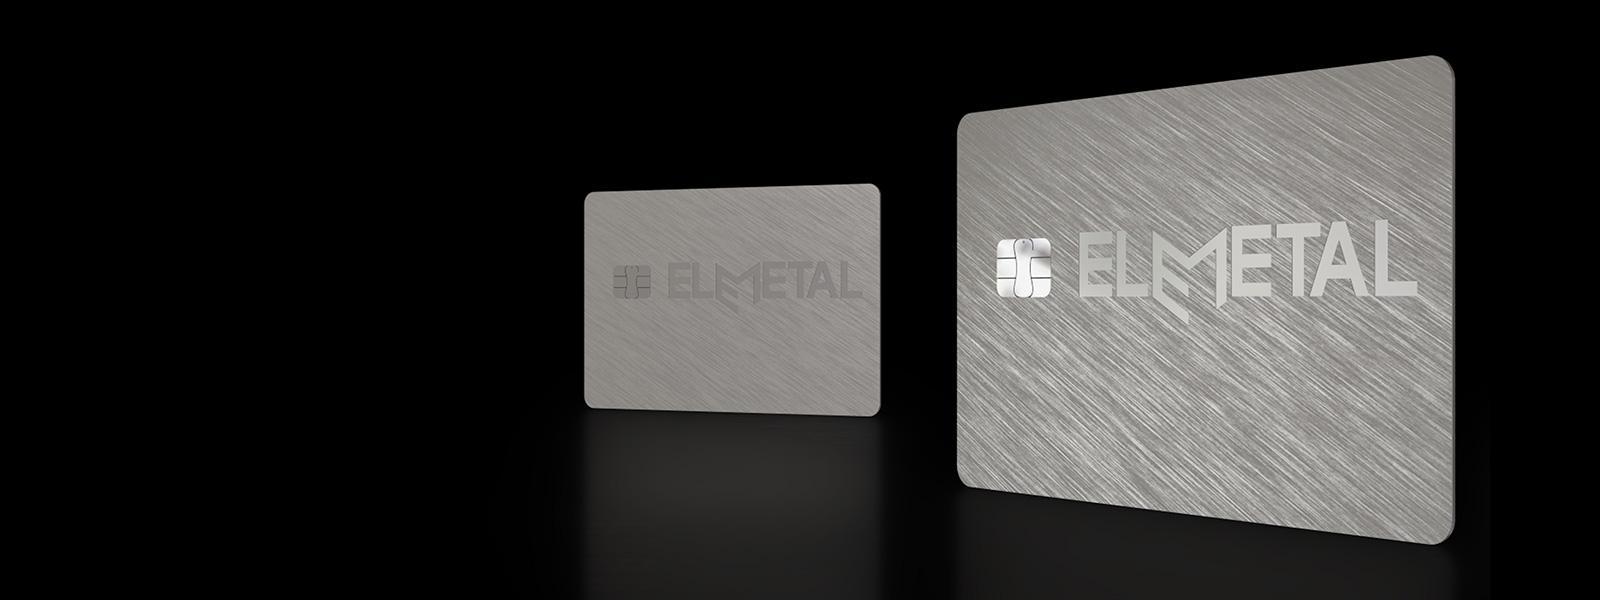 Elemetal range of metal banking cards